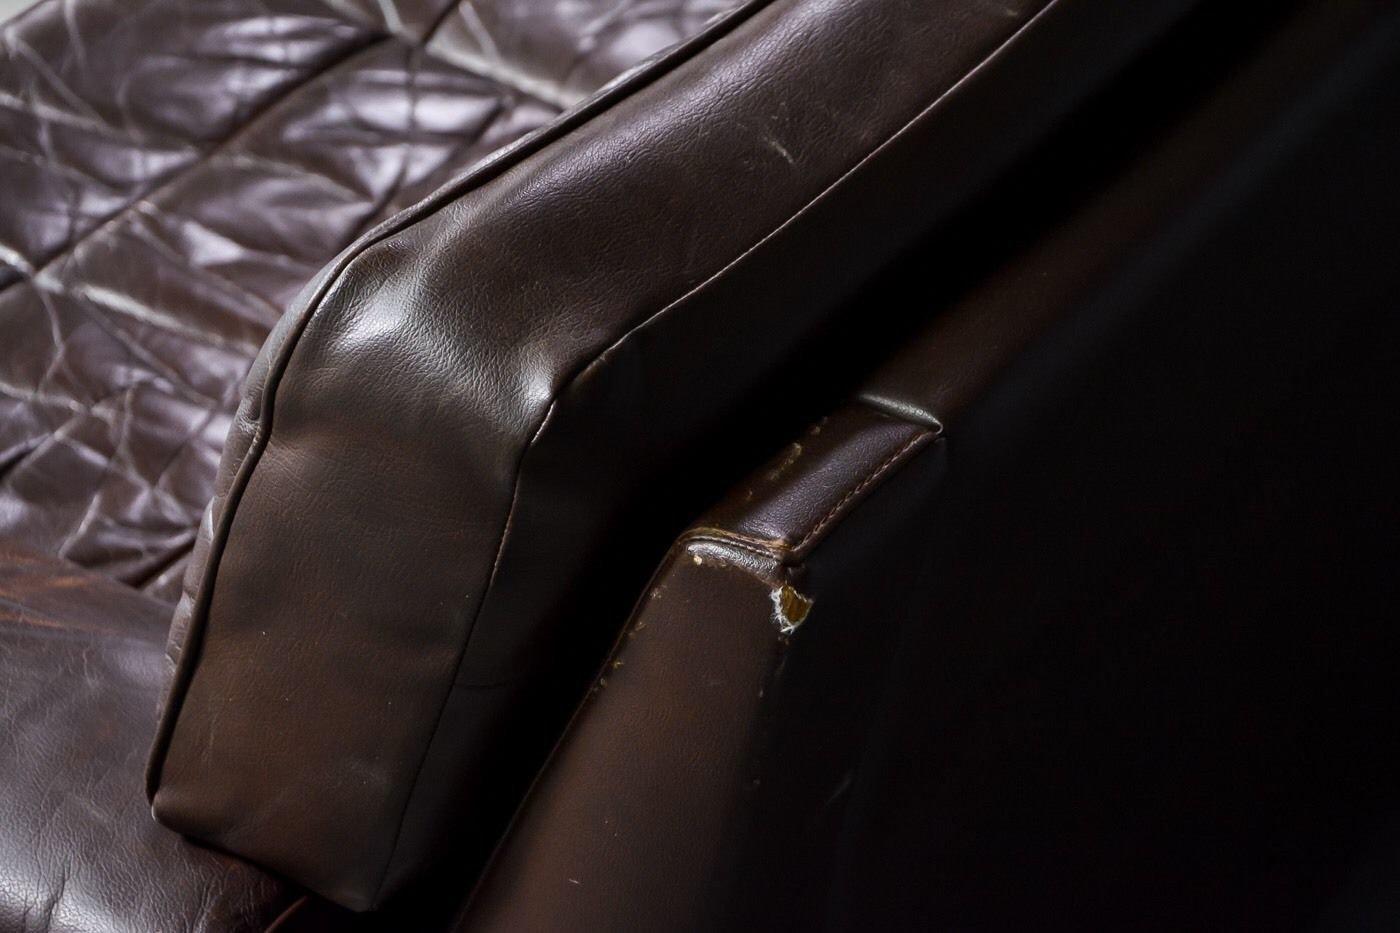 Dänisches Vintage Ecksofa aus Braunem Leder bei Pamono kaufen -> Ecksofa Leder Braun Vintage